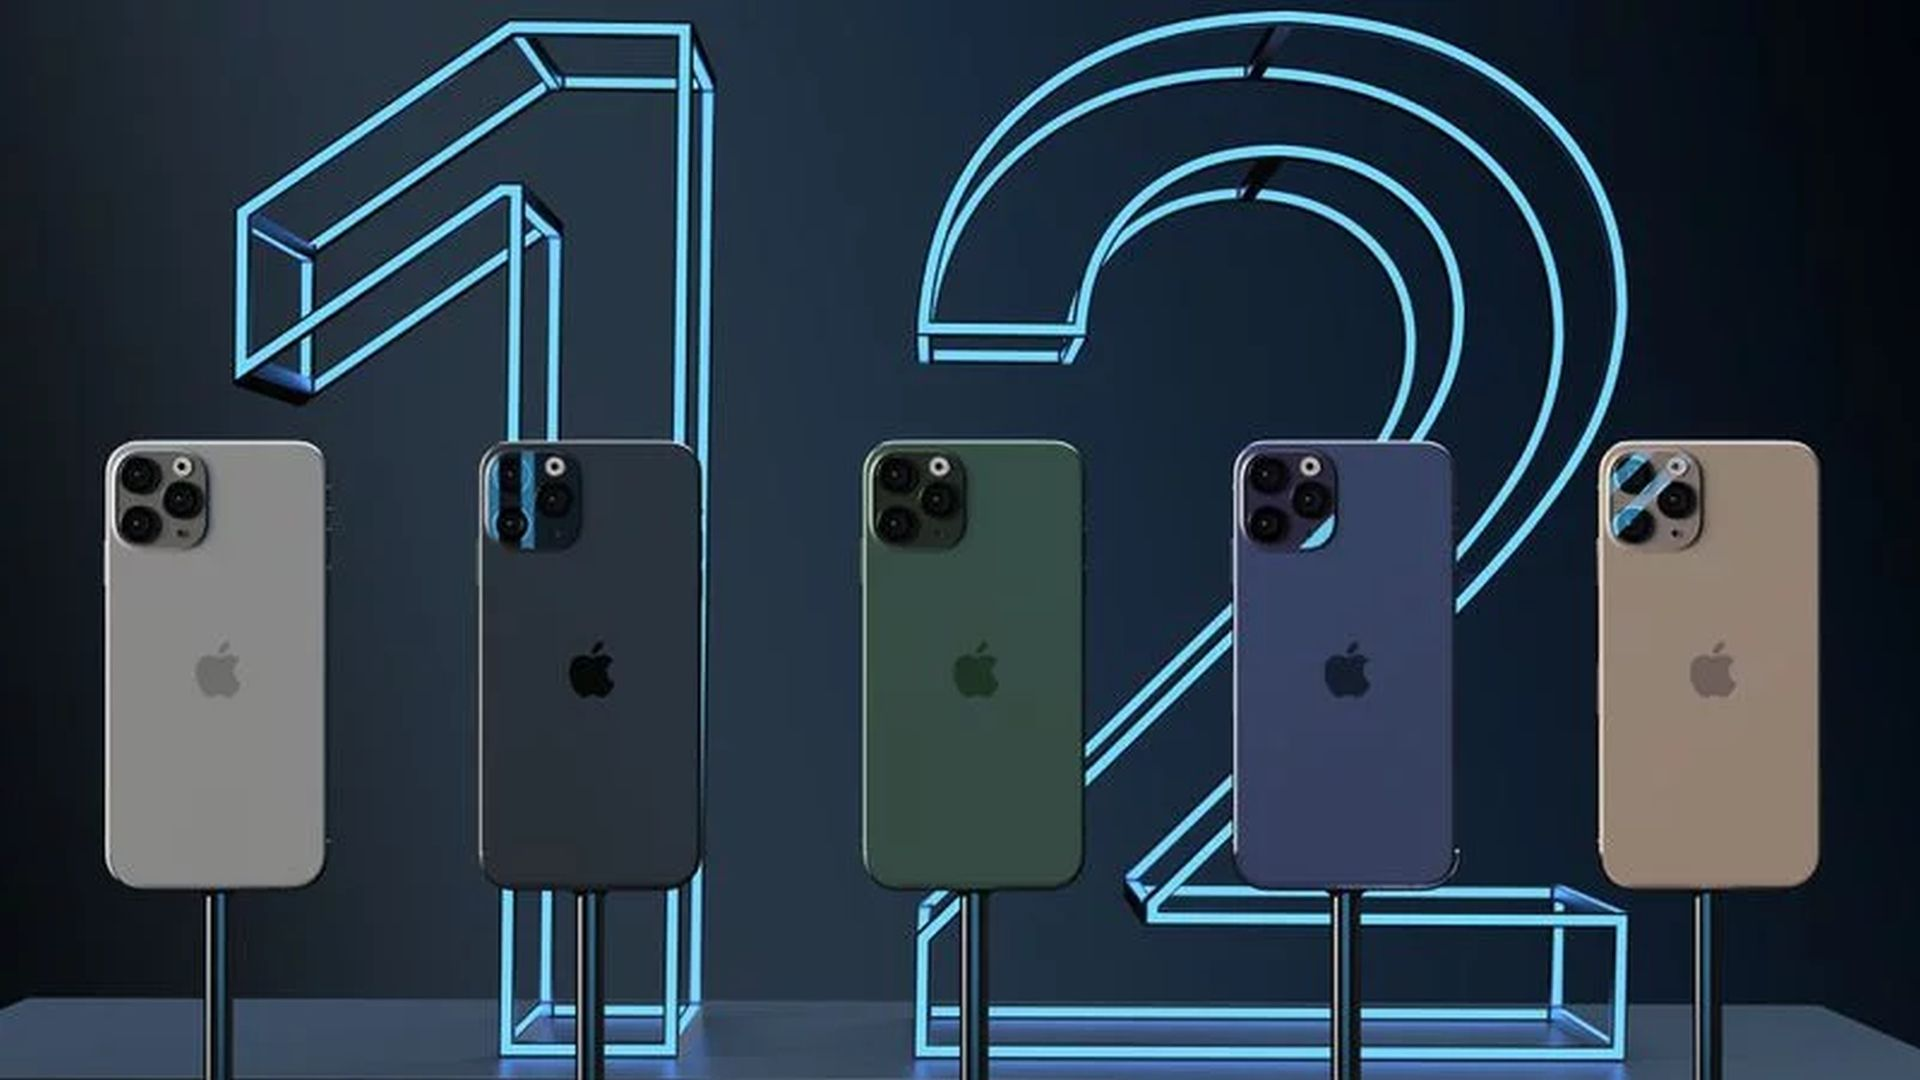 Prace nad nowymi iPhone'ami odbywają się zgodnie z planem